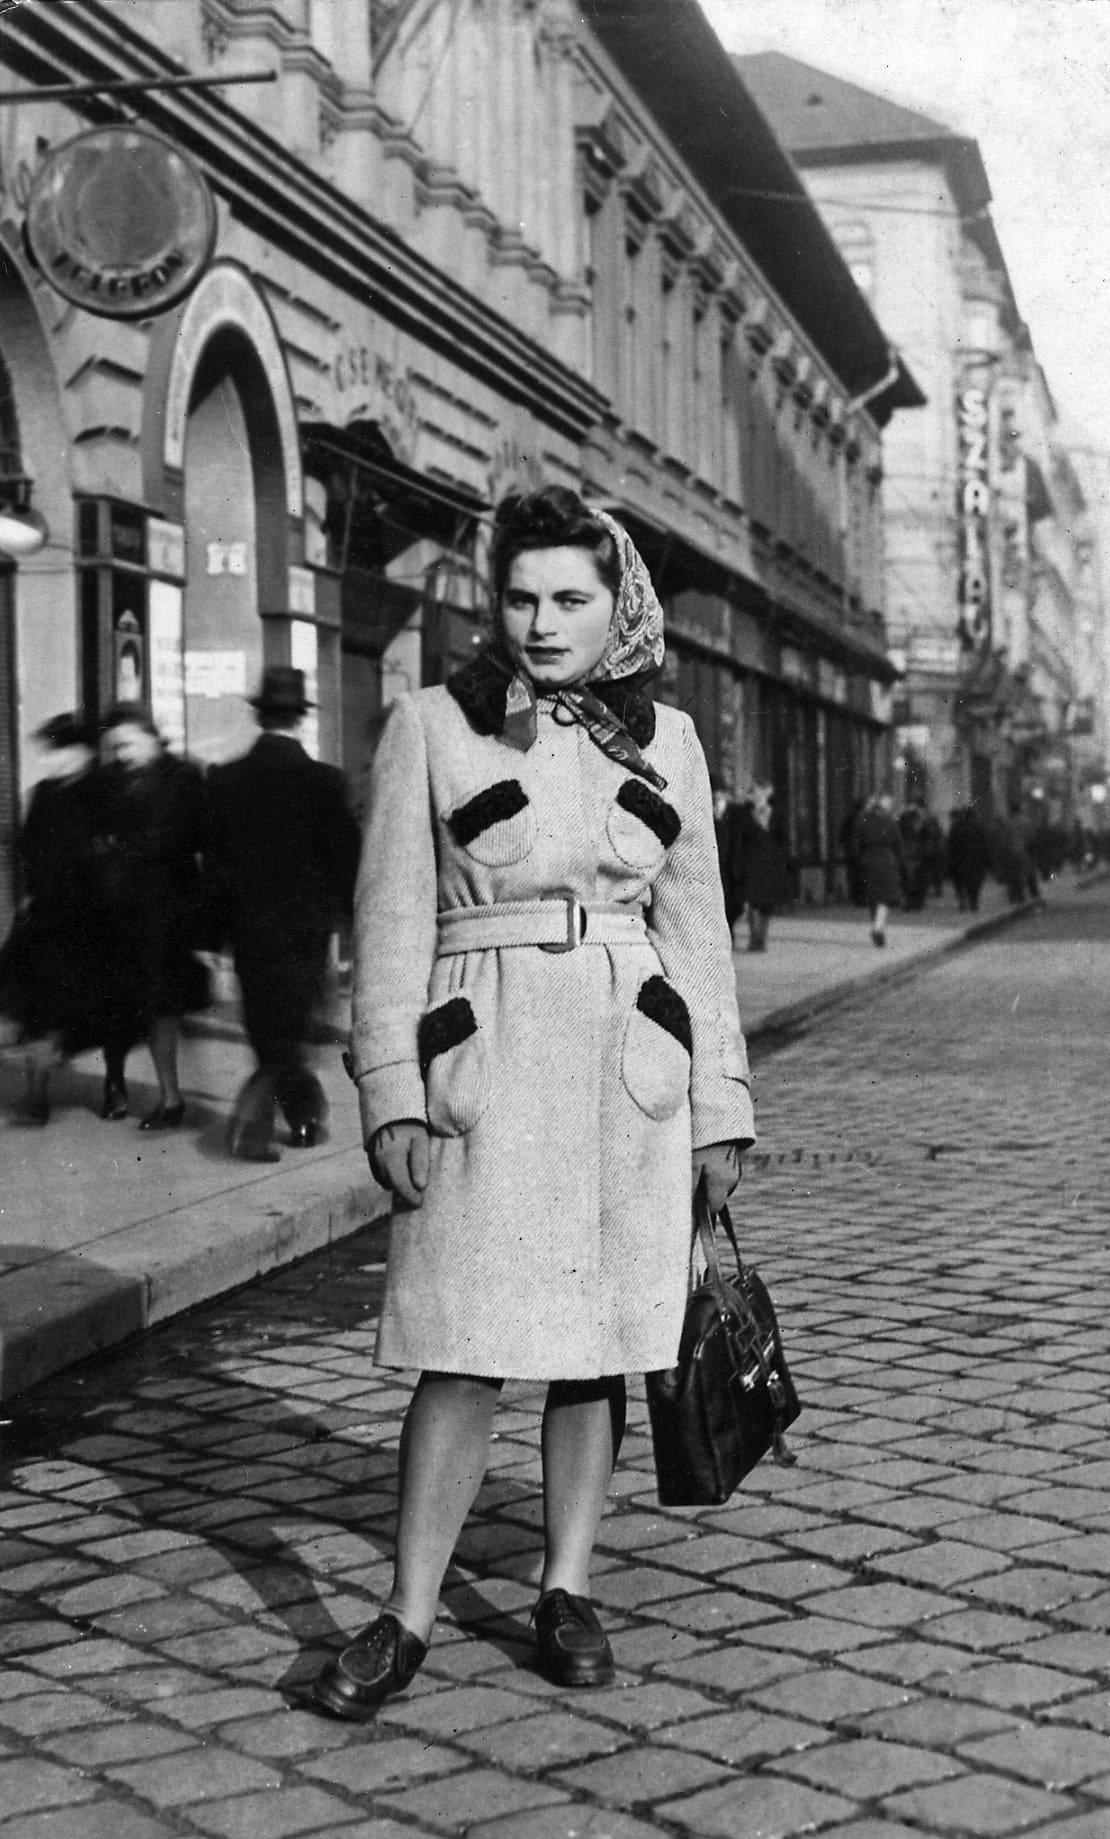 רניה קוקילקה בבודפשט, 1944 (צילום: באדיבות מרב ולדמן)